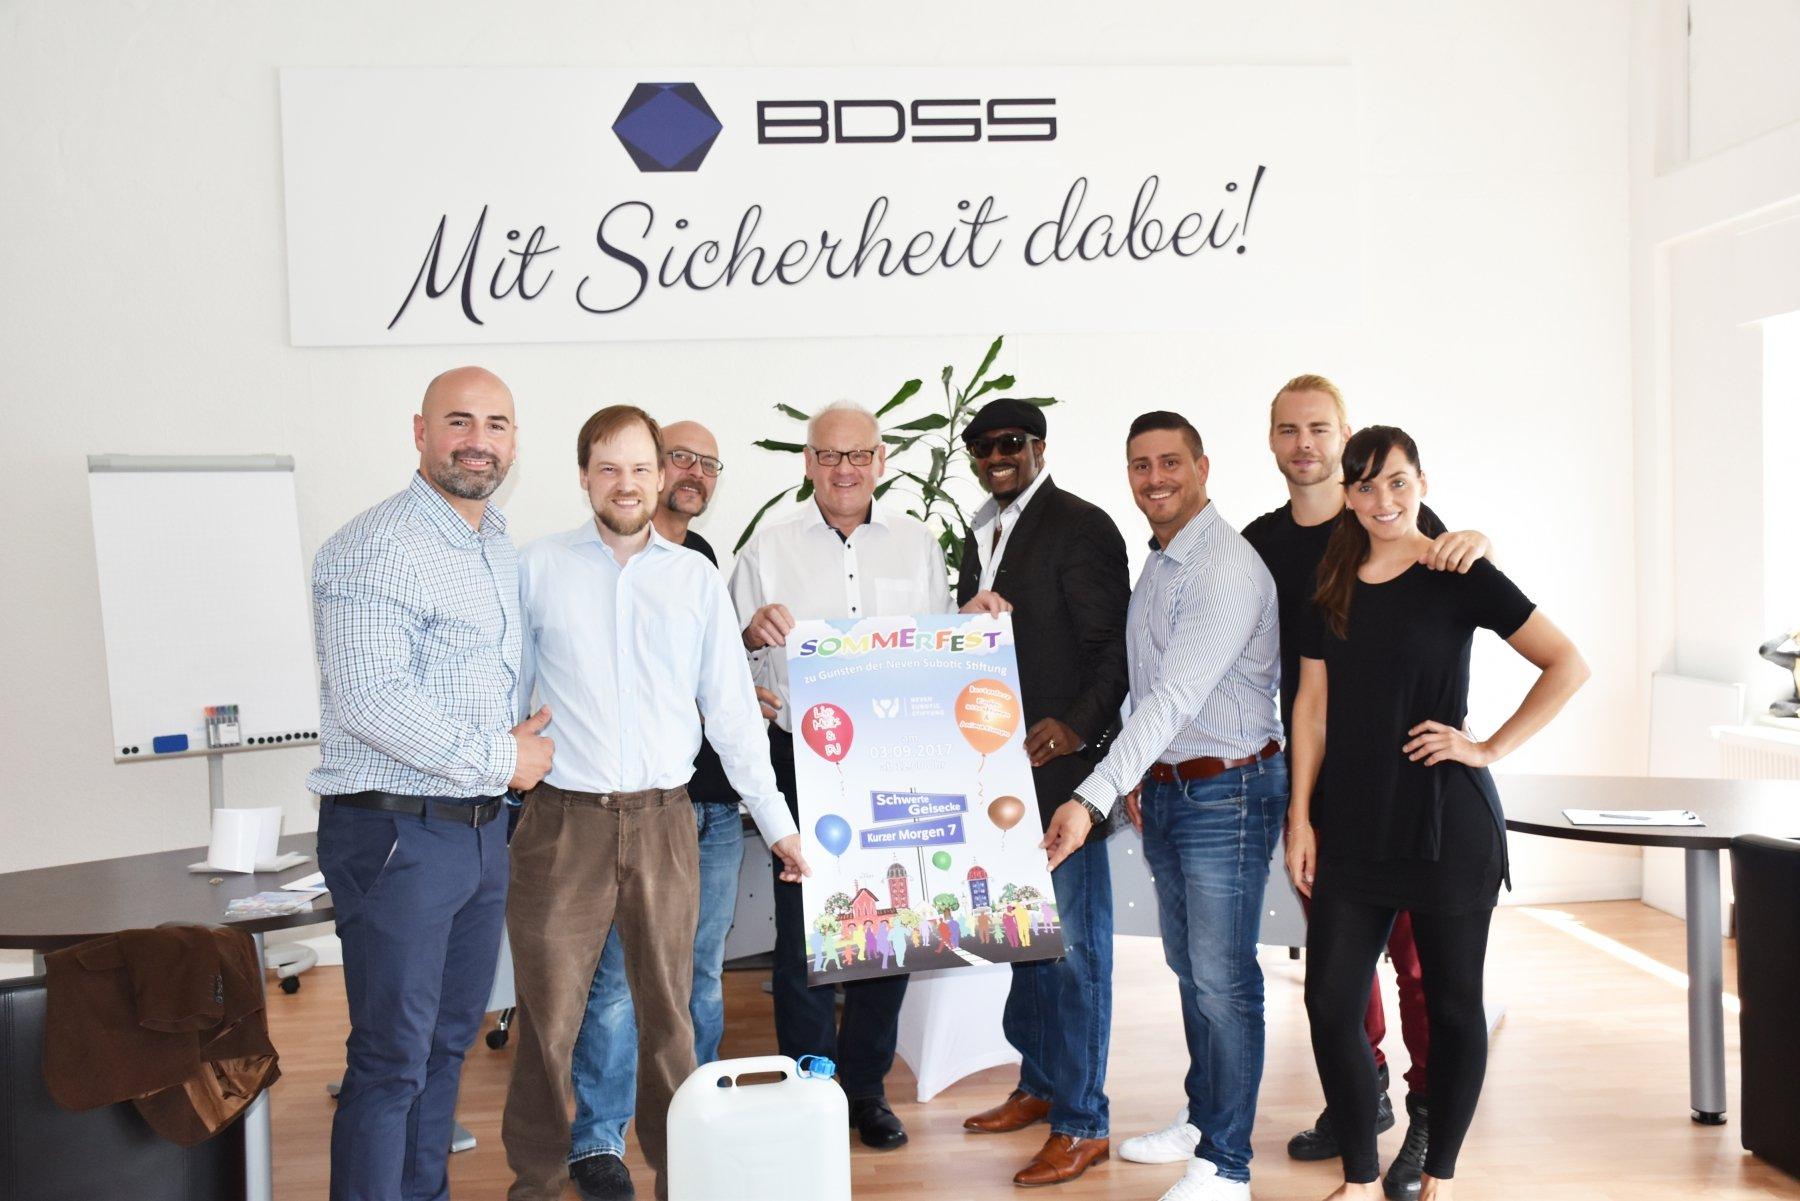 (v. l.) Dragisa Vukovic (Veranstalter BDSS Sicherheitsdienst) und Helge Döring (Neven Subotic Stiftung) stellen das Plakat zum Sommerfest vor.